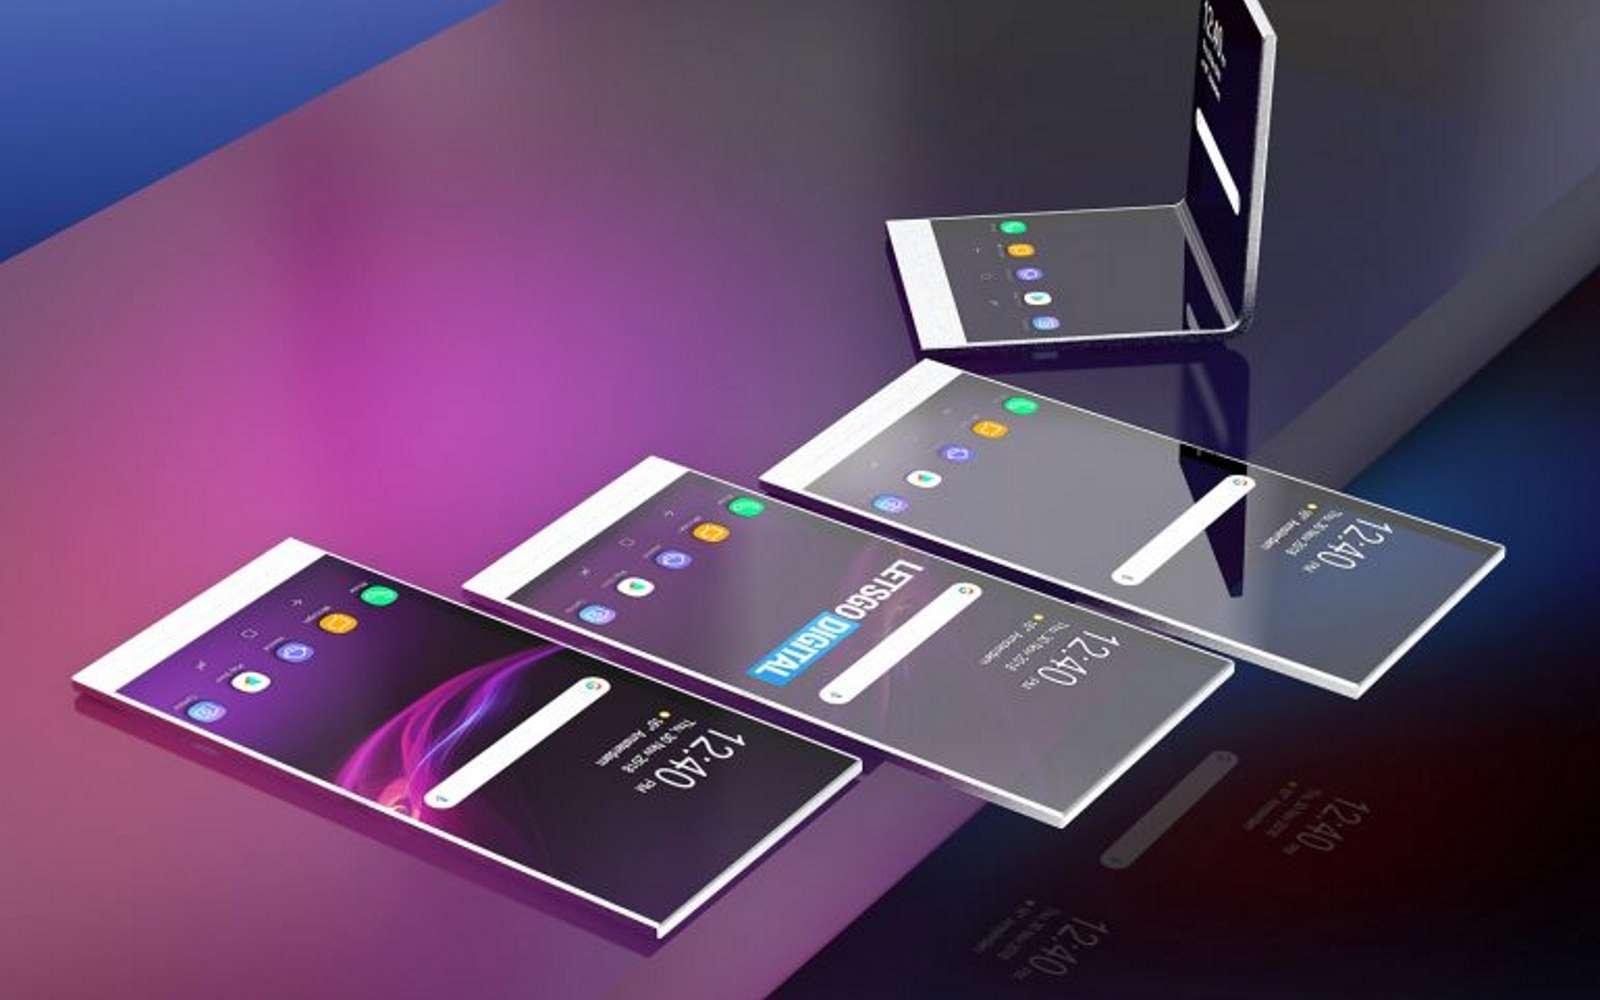 Sony vient d'obtenir la publication d'un brevet décrivant un smartphone, qui pourrait être transparent grâce à la superposition de deux écrans. © Nl.letsgodigital.org